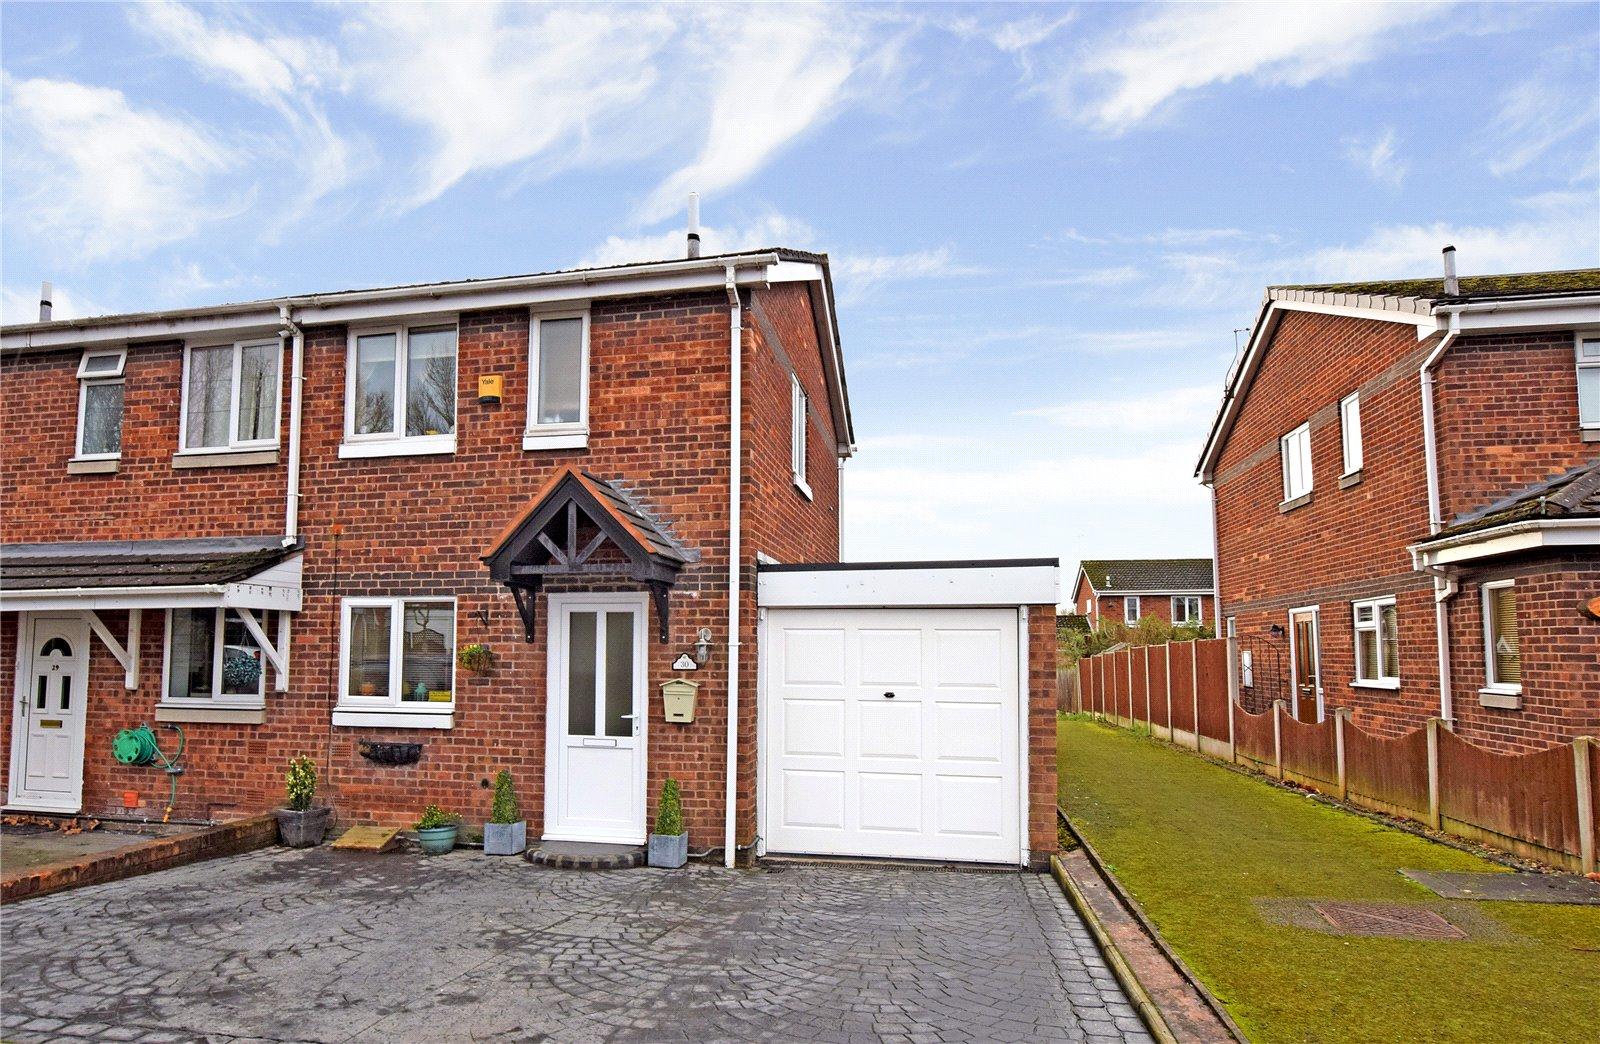 30 Boscobel Close, Stirchley, Telford, Shropshire, TF3